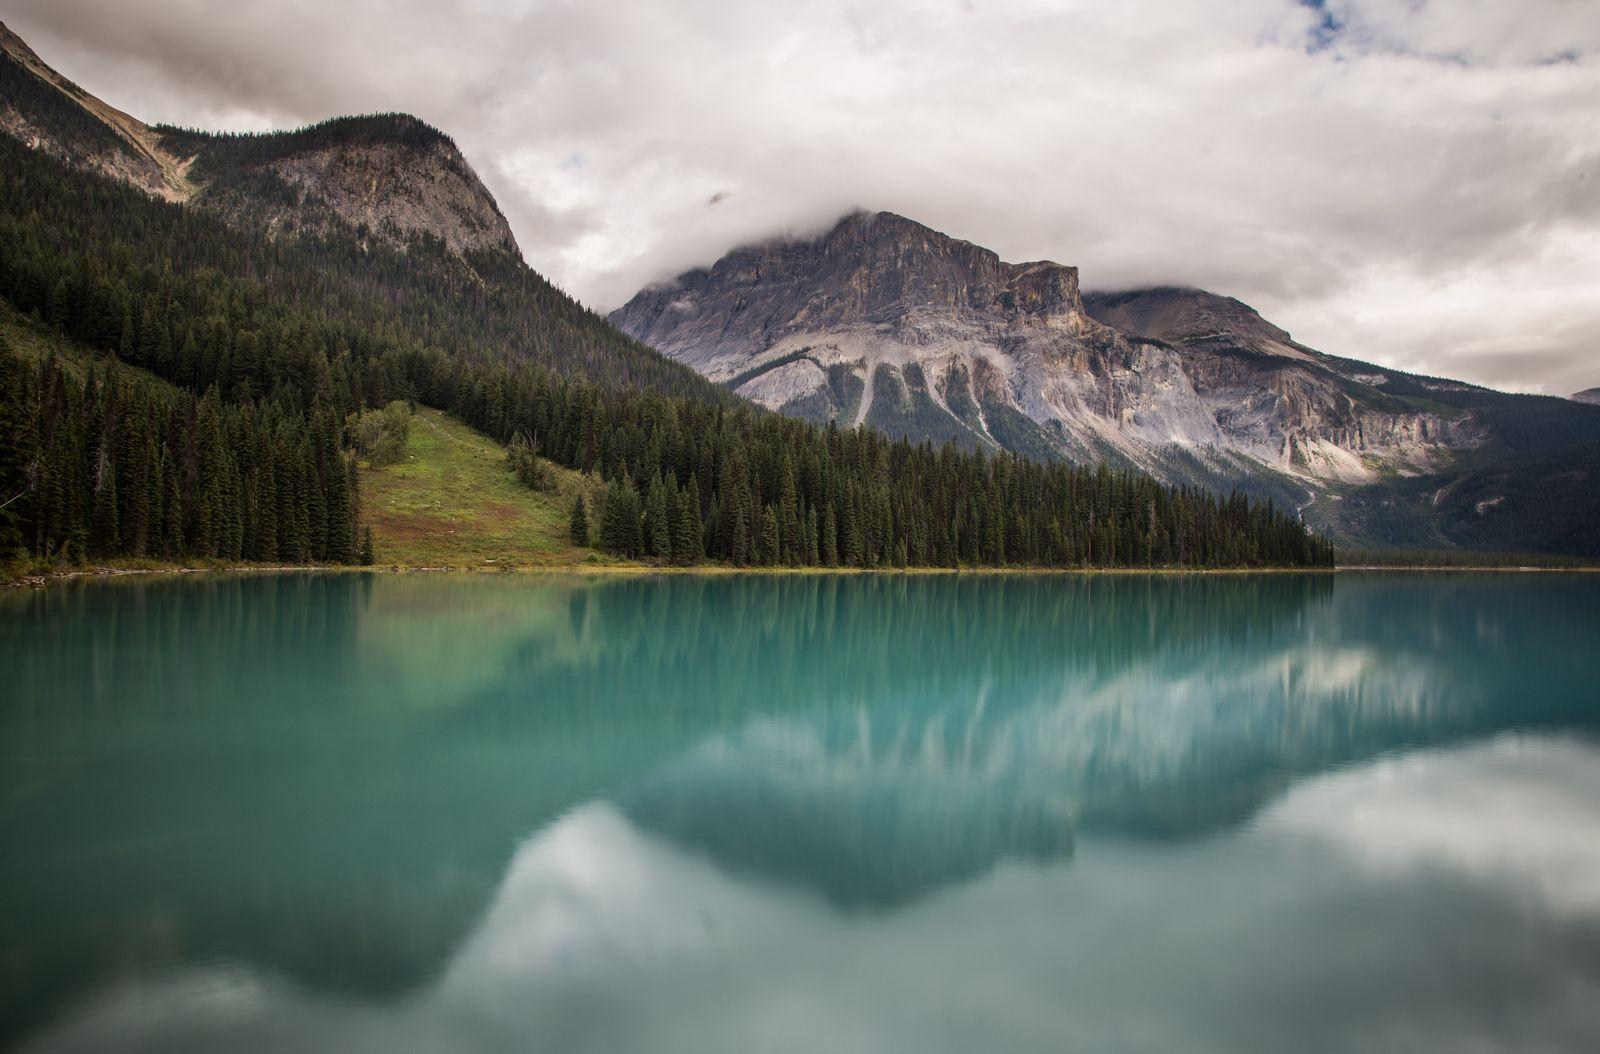 Emerald Lake desde el puente que lleva al hotel